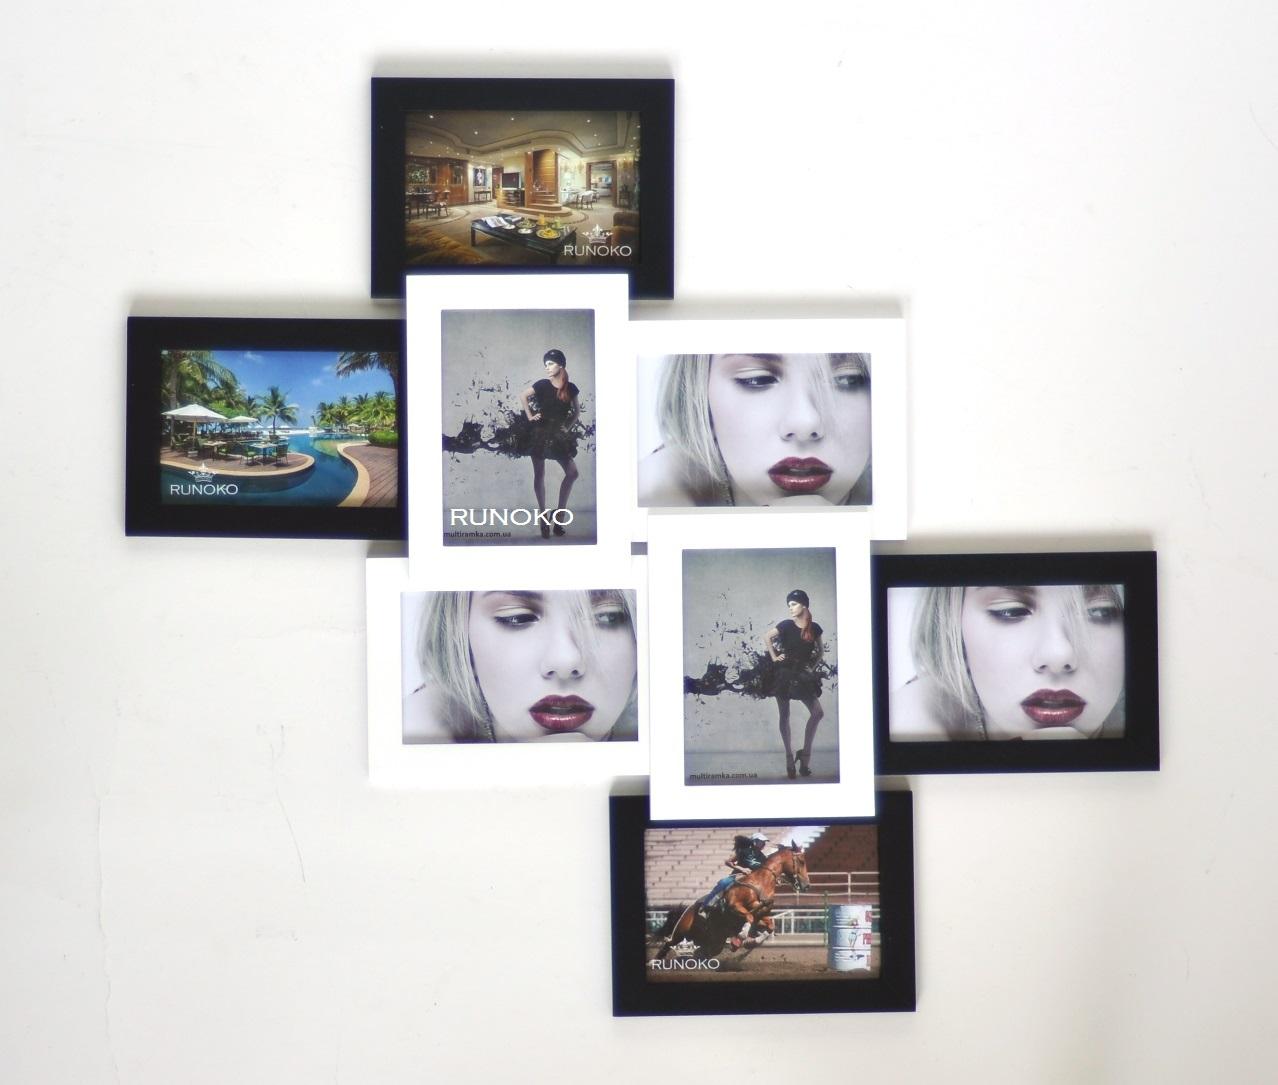 рамка для фотографов Innova опт Харьков Одесса аналогичная Wow-shop и Empik